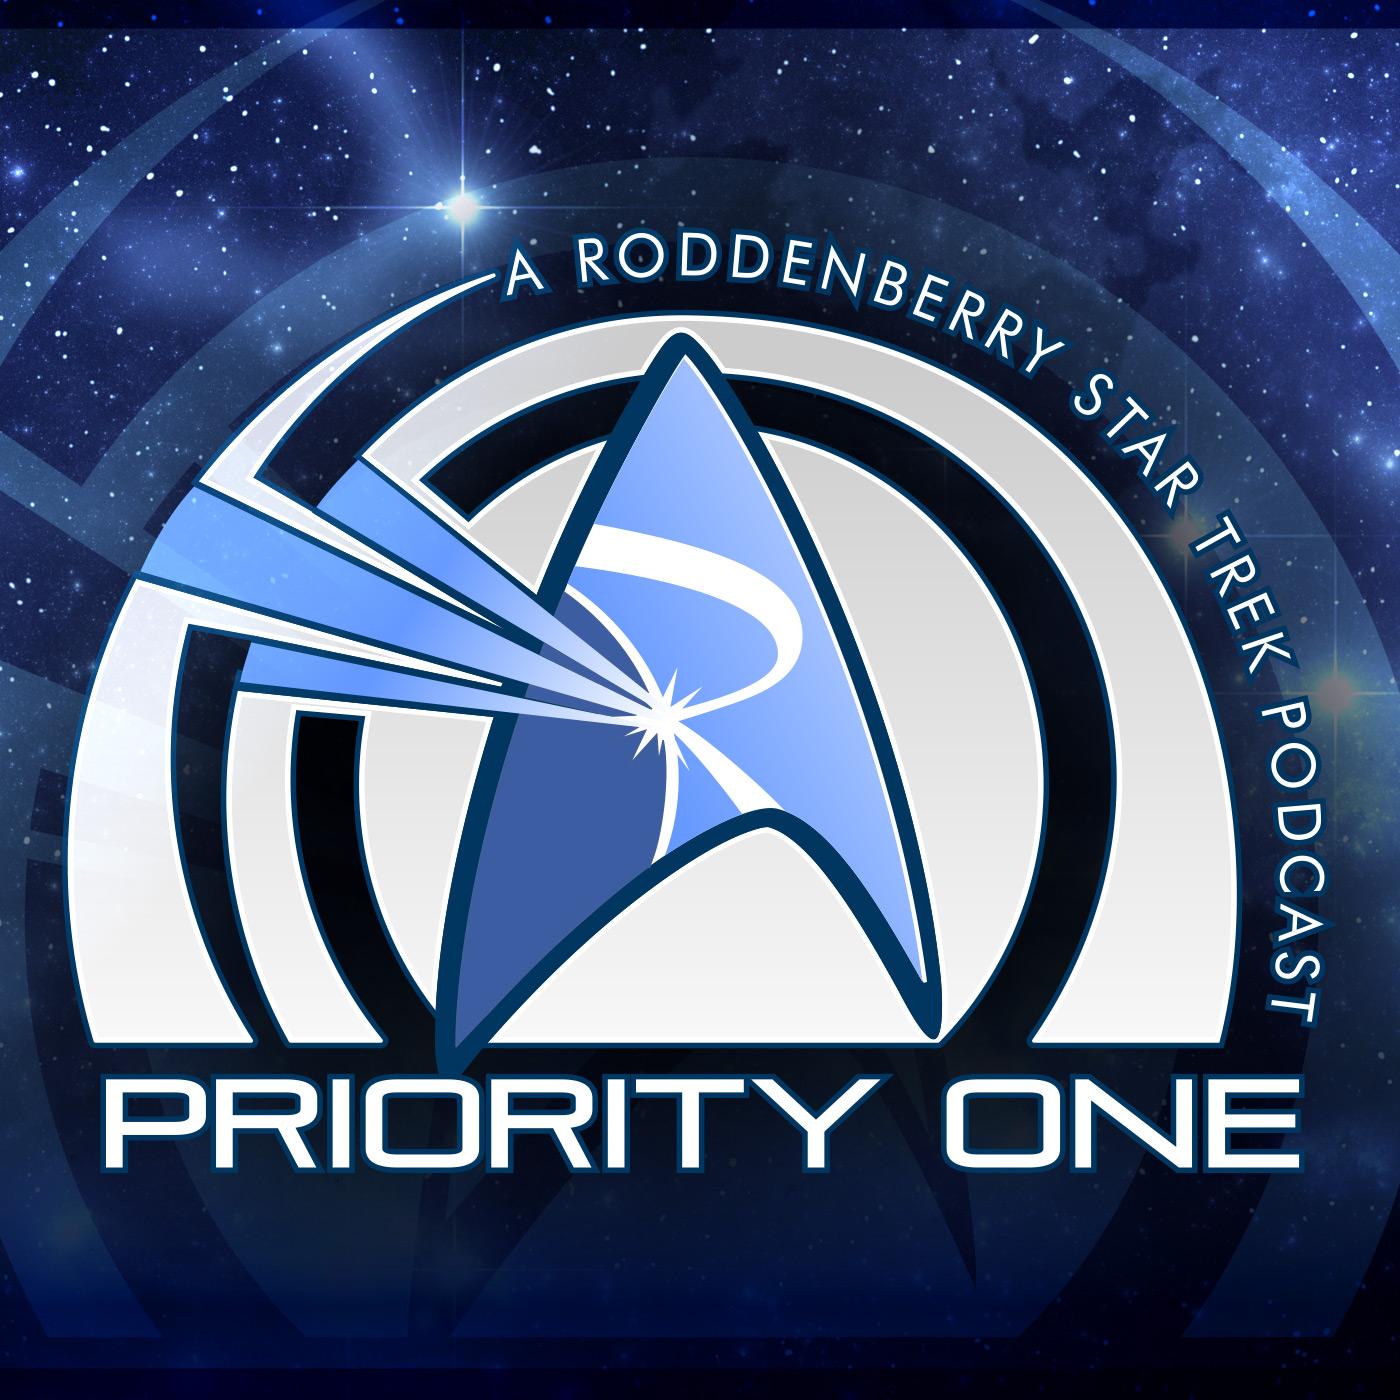 Artwork for 381 - Trexelated |Priority One: A Roddenberry Star Trek Podcast